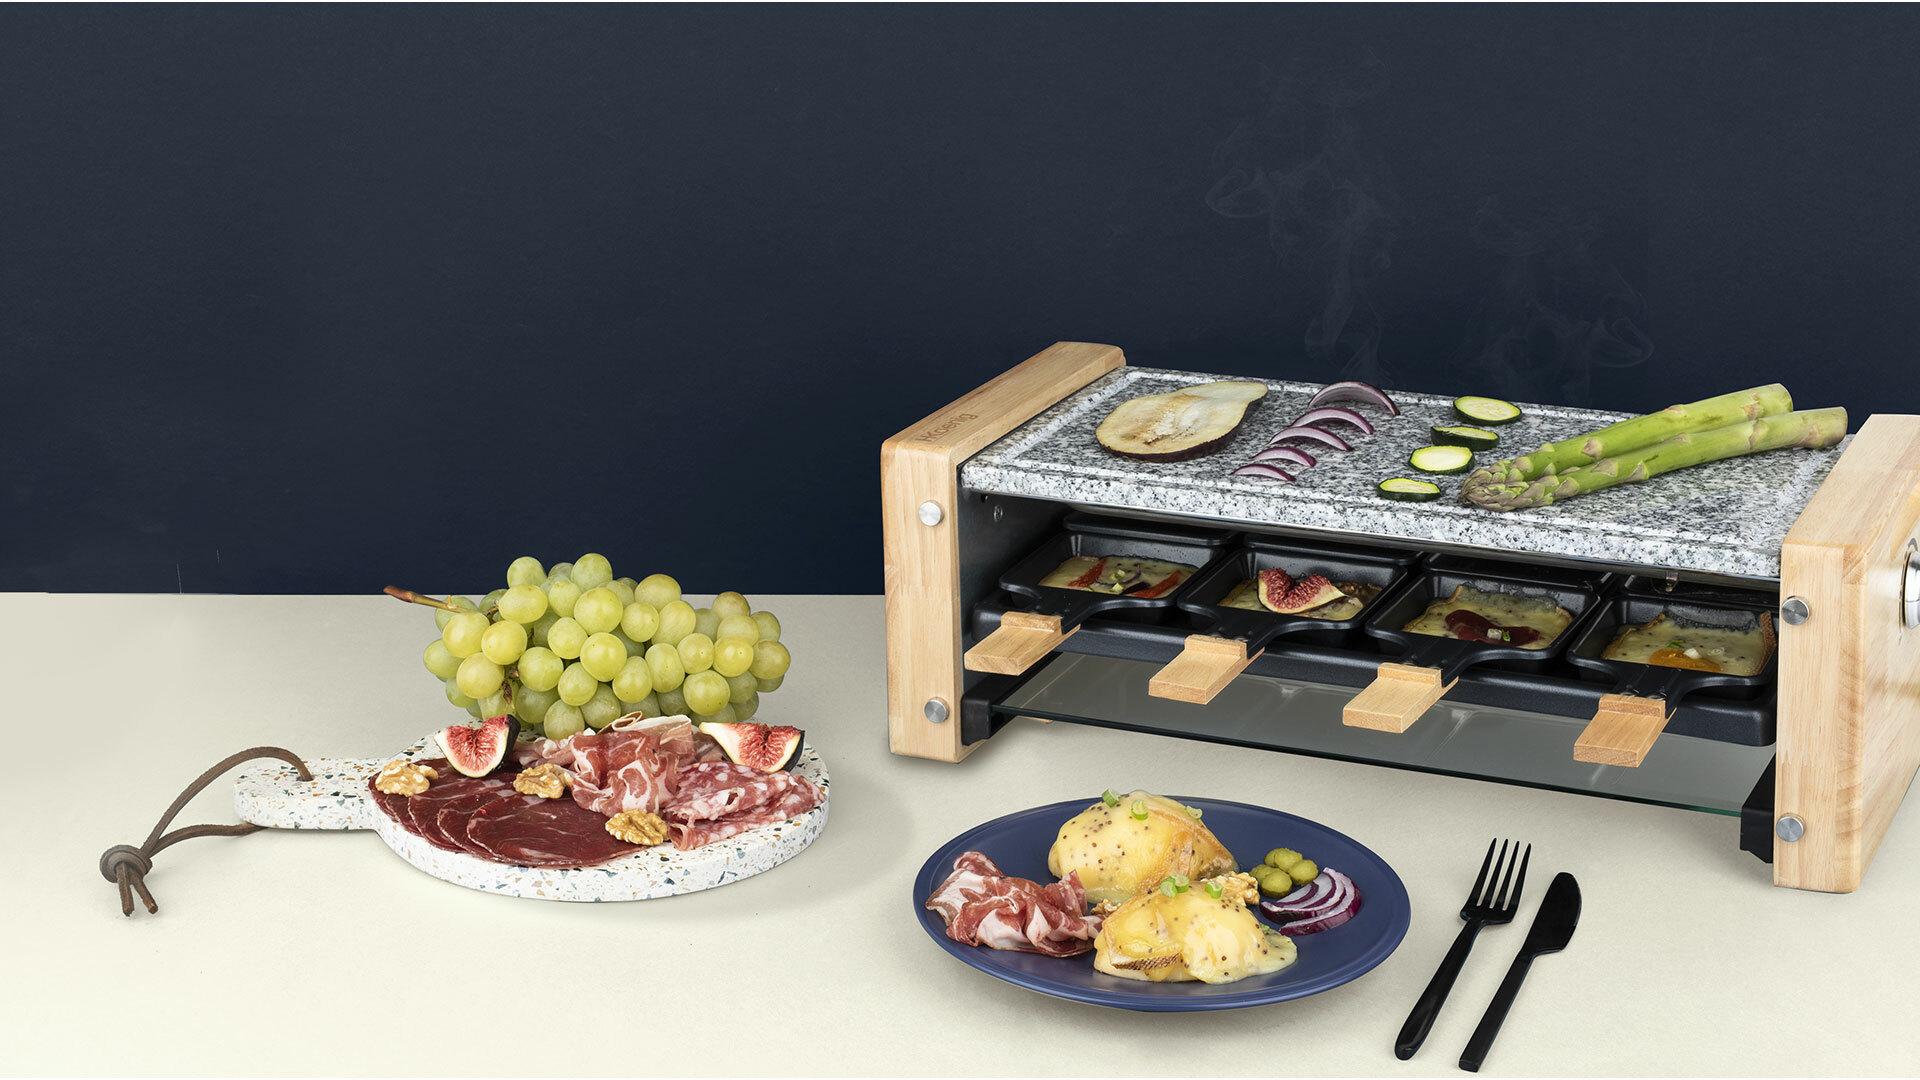 Nos produits cuisson conviviale appareil a raclette for Appareil cuisine conviviale